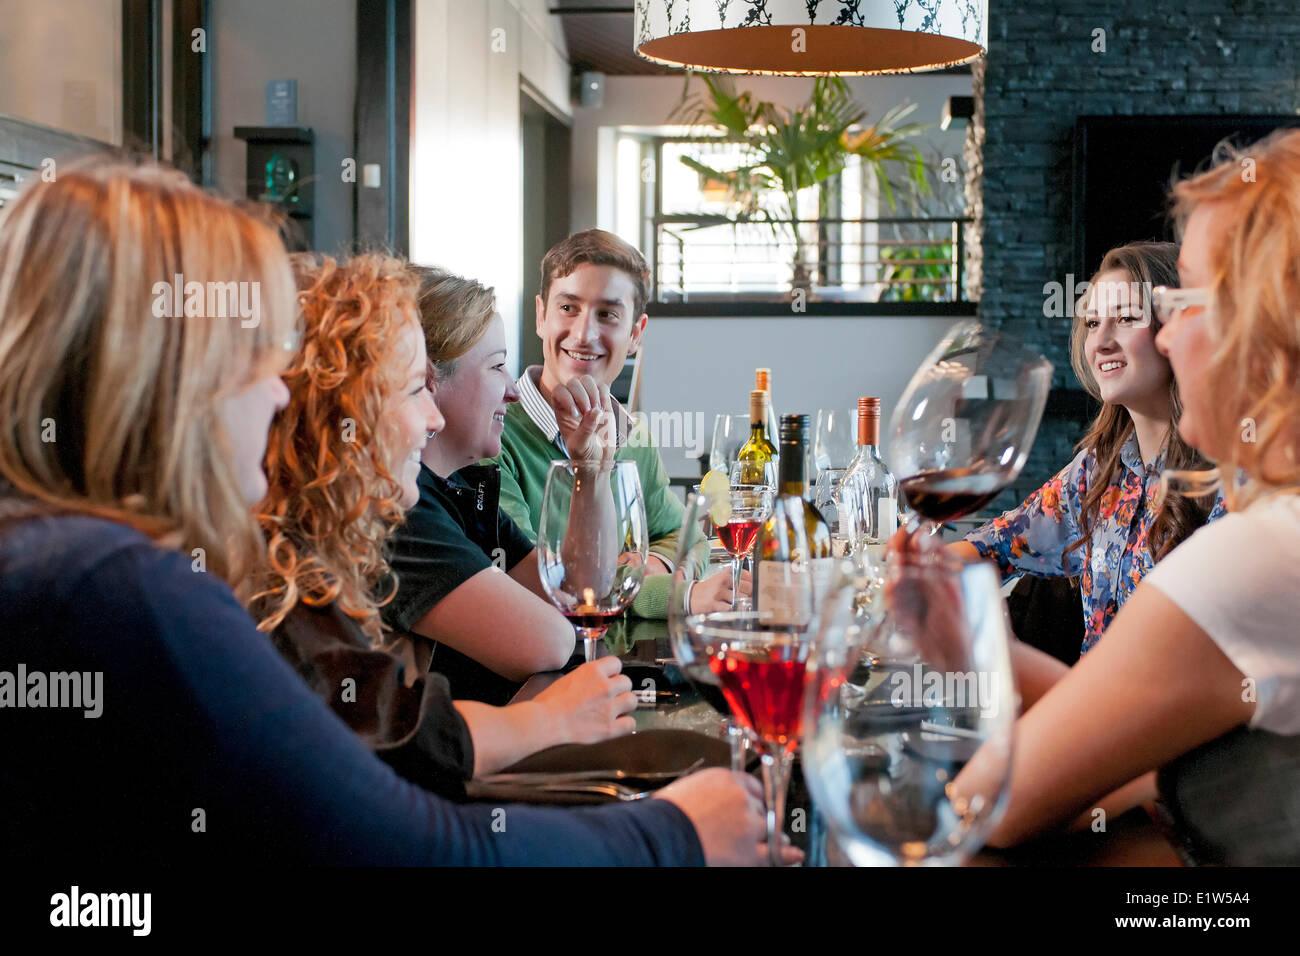 A cena presso il locale Lounge & Grille, Summerland, British Columbia, regione Okanagan, Canada Immagini Stock